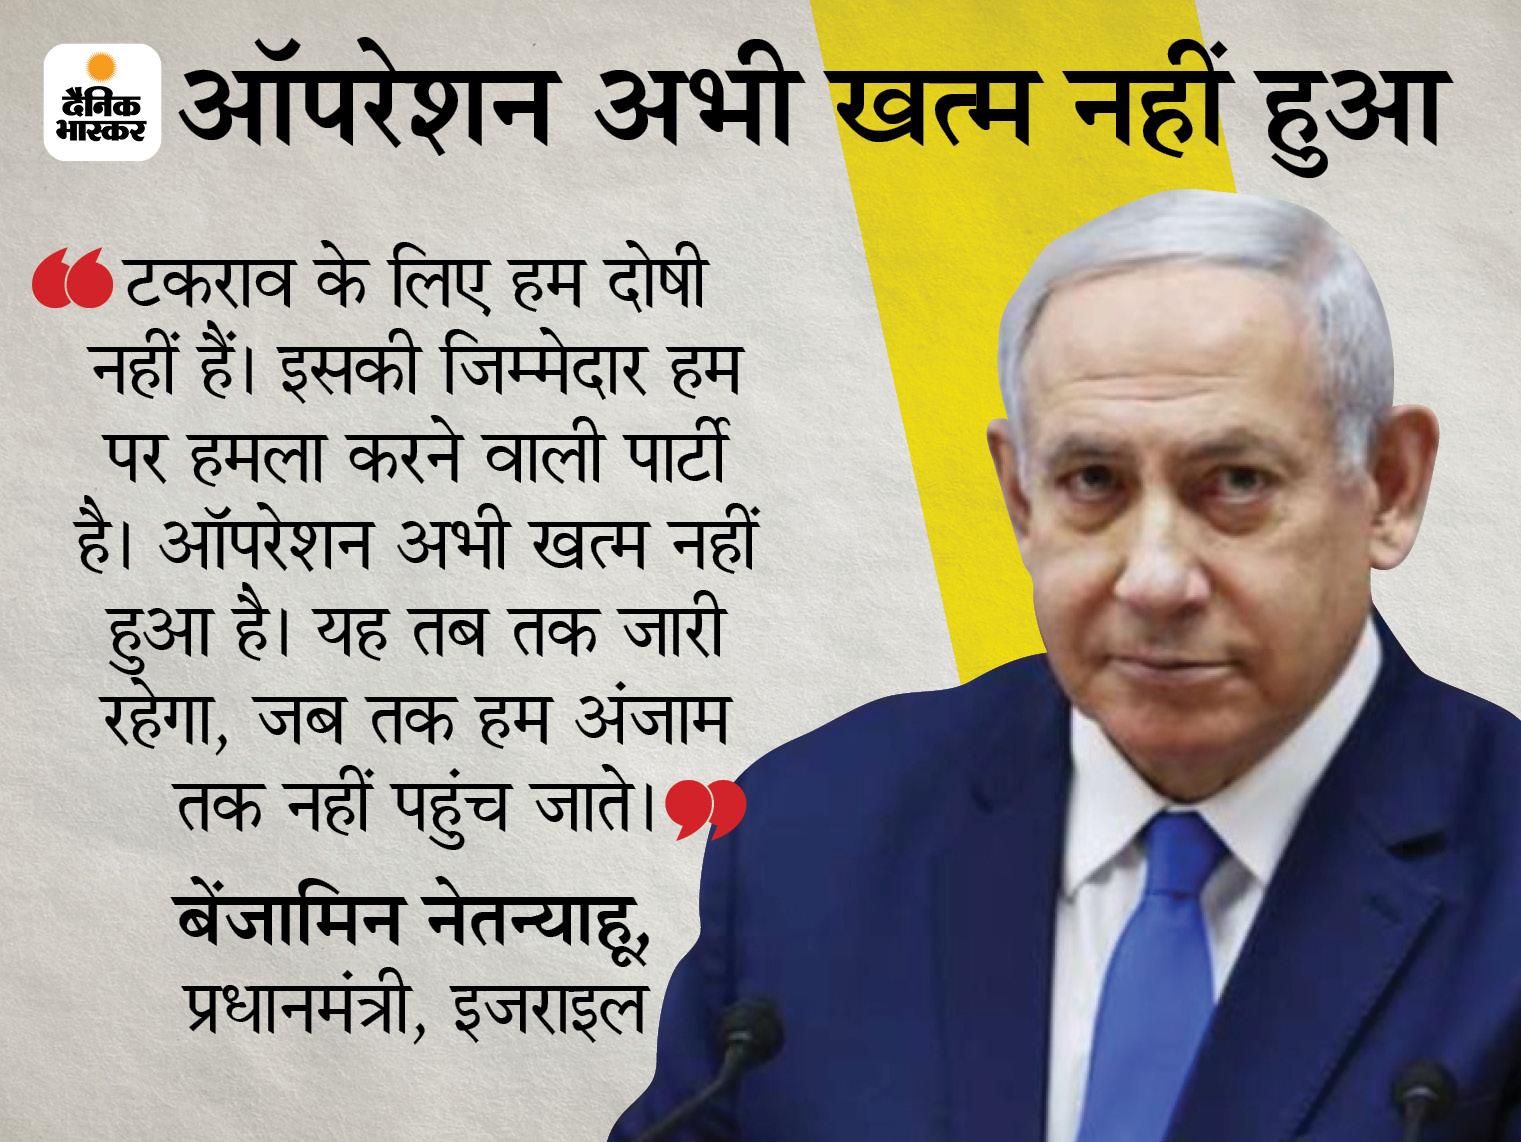 इजराइली सेना की एयरस्ट्राइक में हमास के चीफ का घर तबाह; UN ने फौरन जंग रोकने को कहा|विदेश,International - Dainik Bhaskar